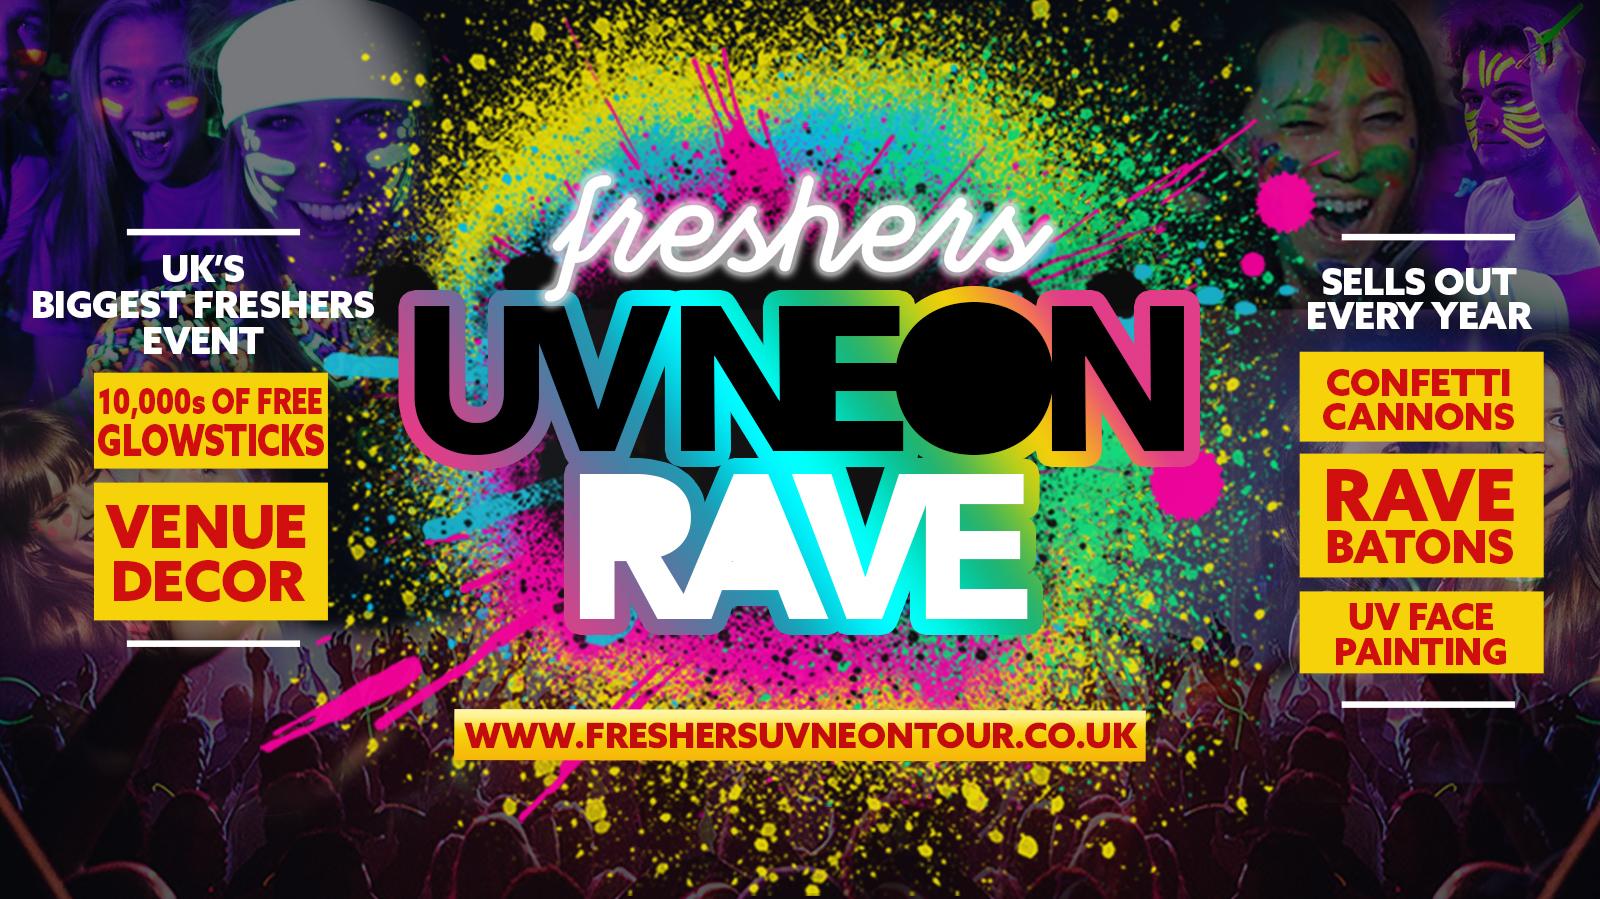 Brighton Freshers UV Neon Rave | Brighton & Sussex Freshers 2021